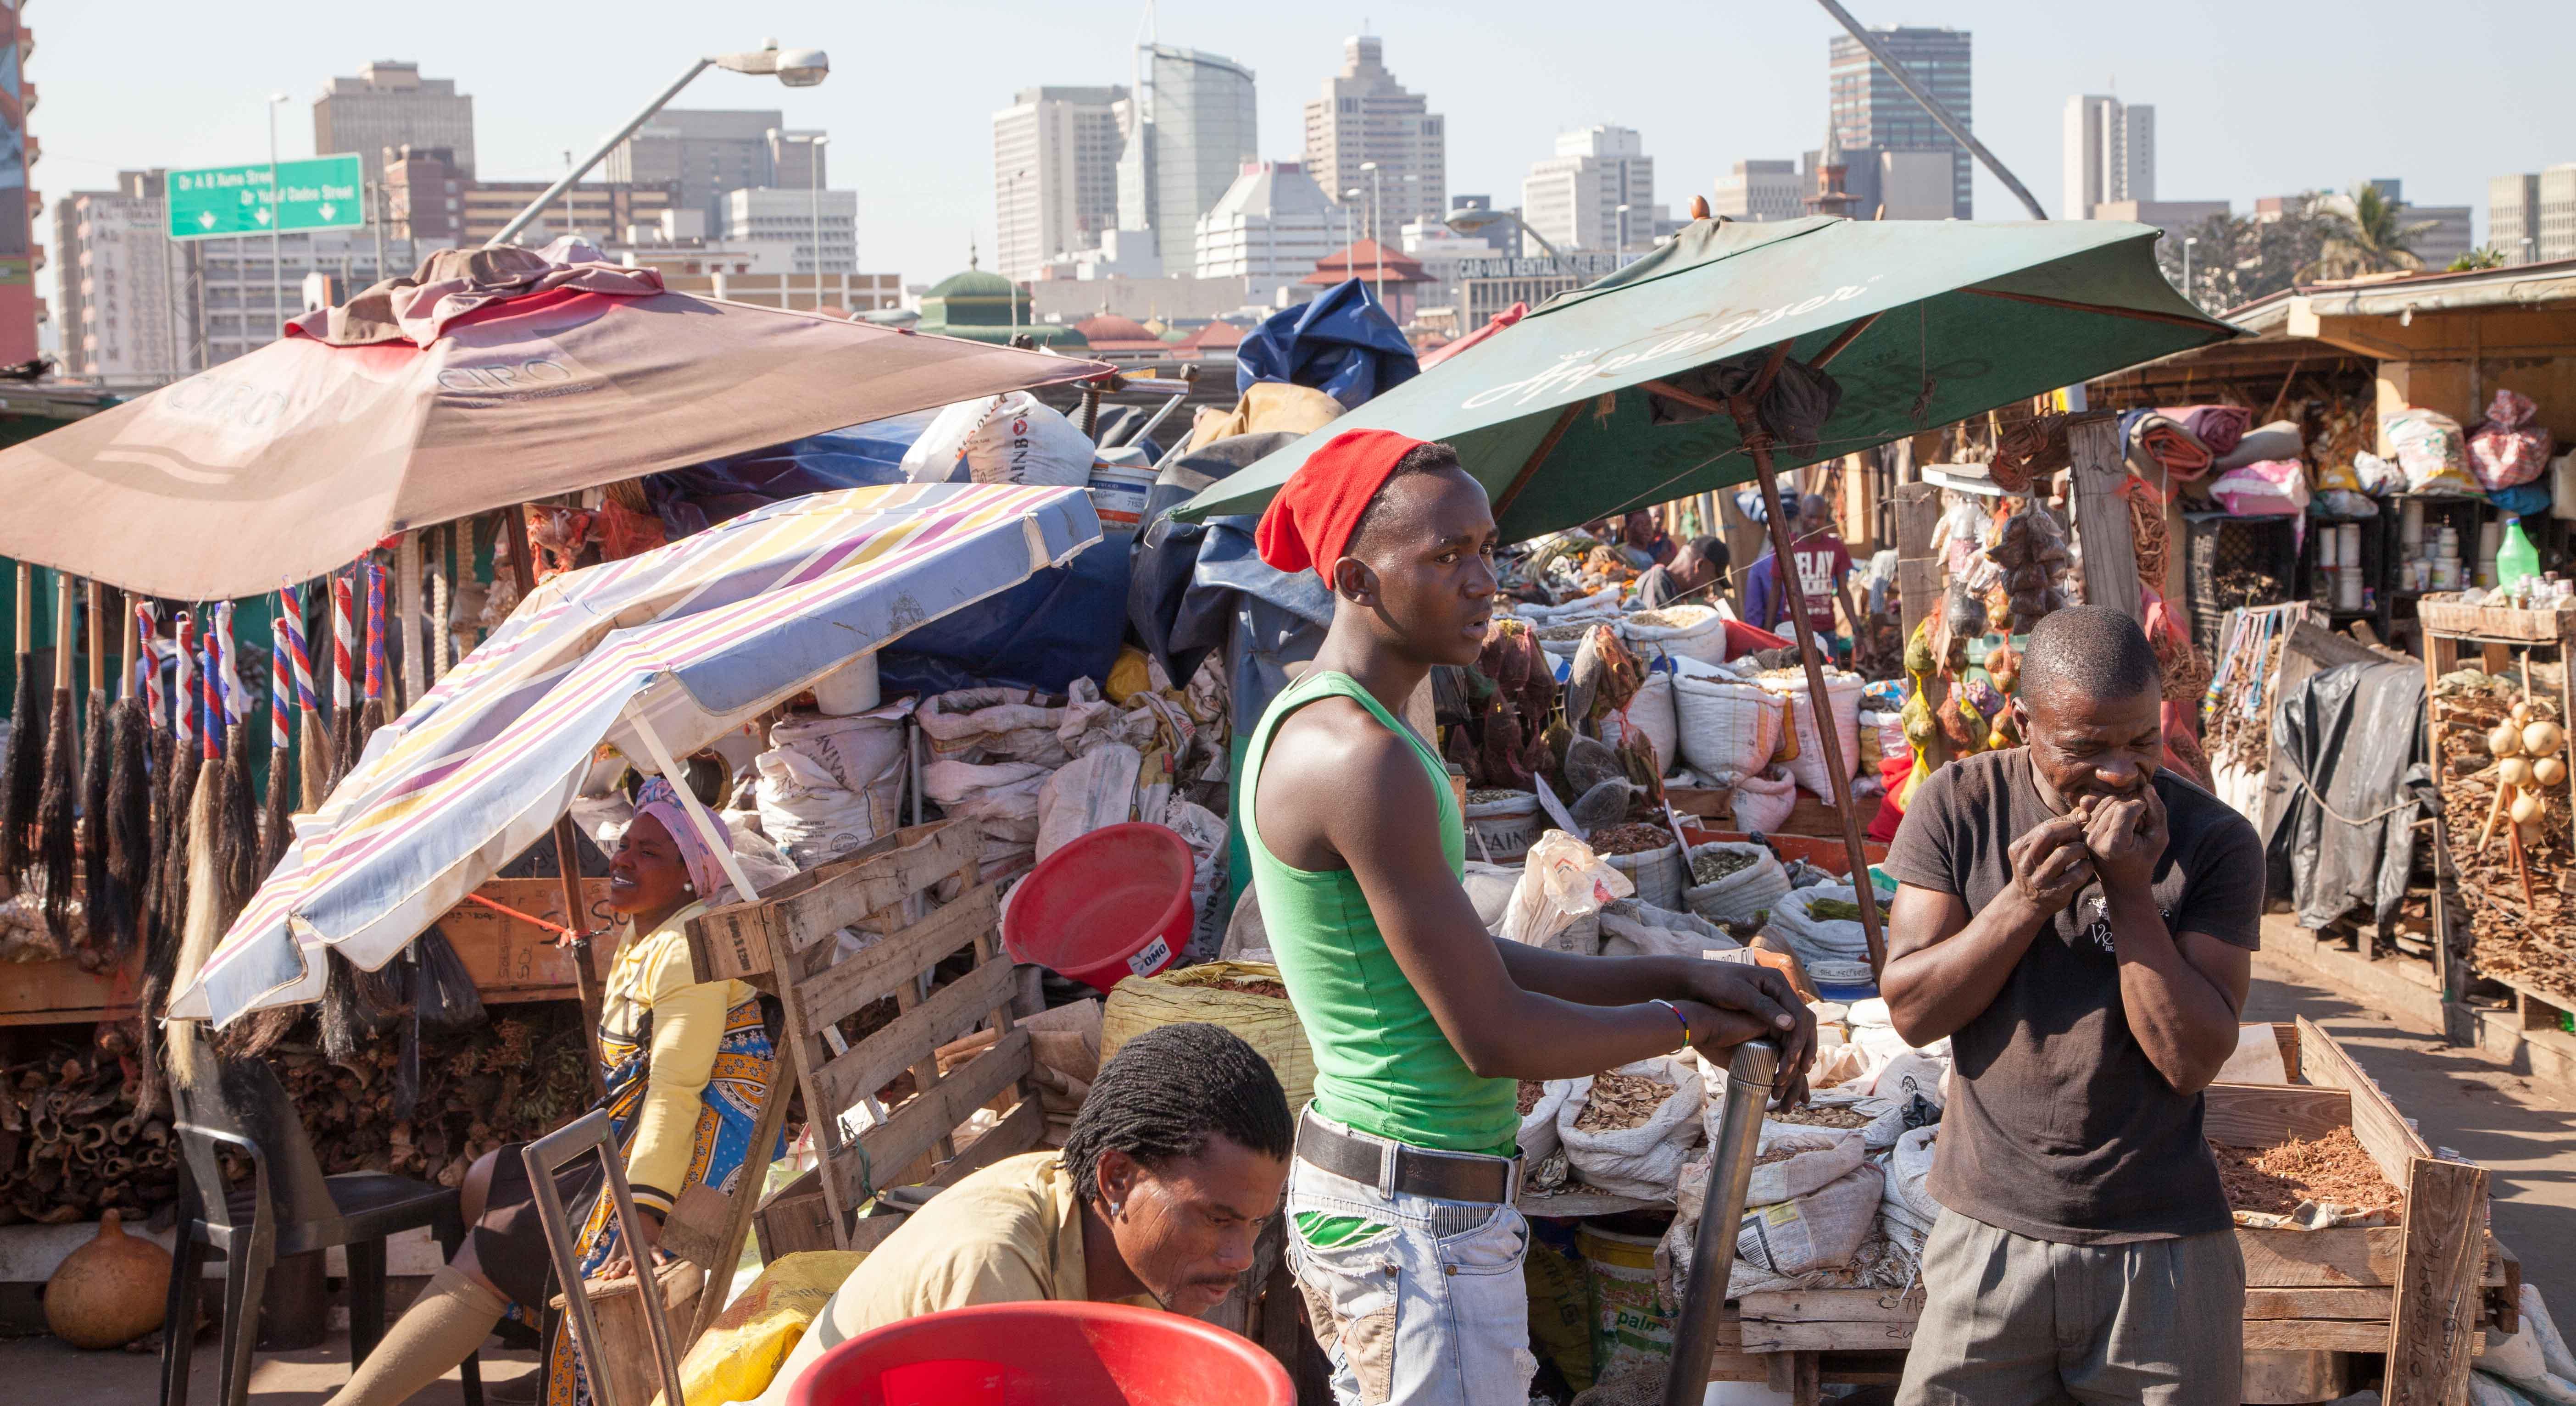 Der afrikanisches aller Märkte. Der Medizinmarkt vor der Kulisse des modernen Durban.